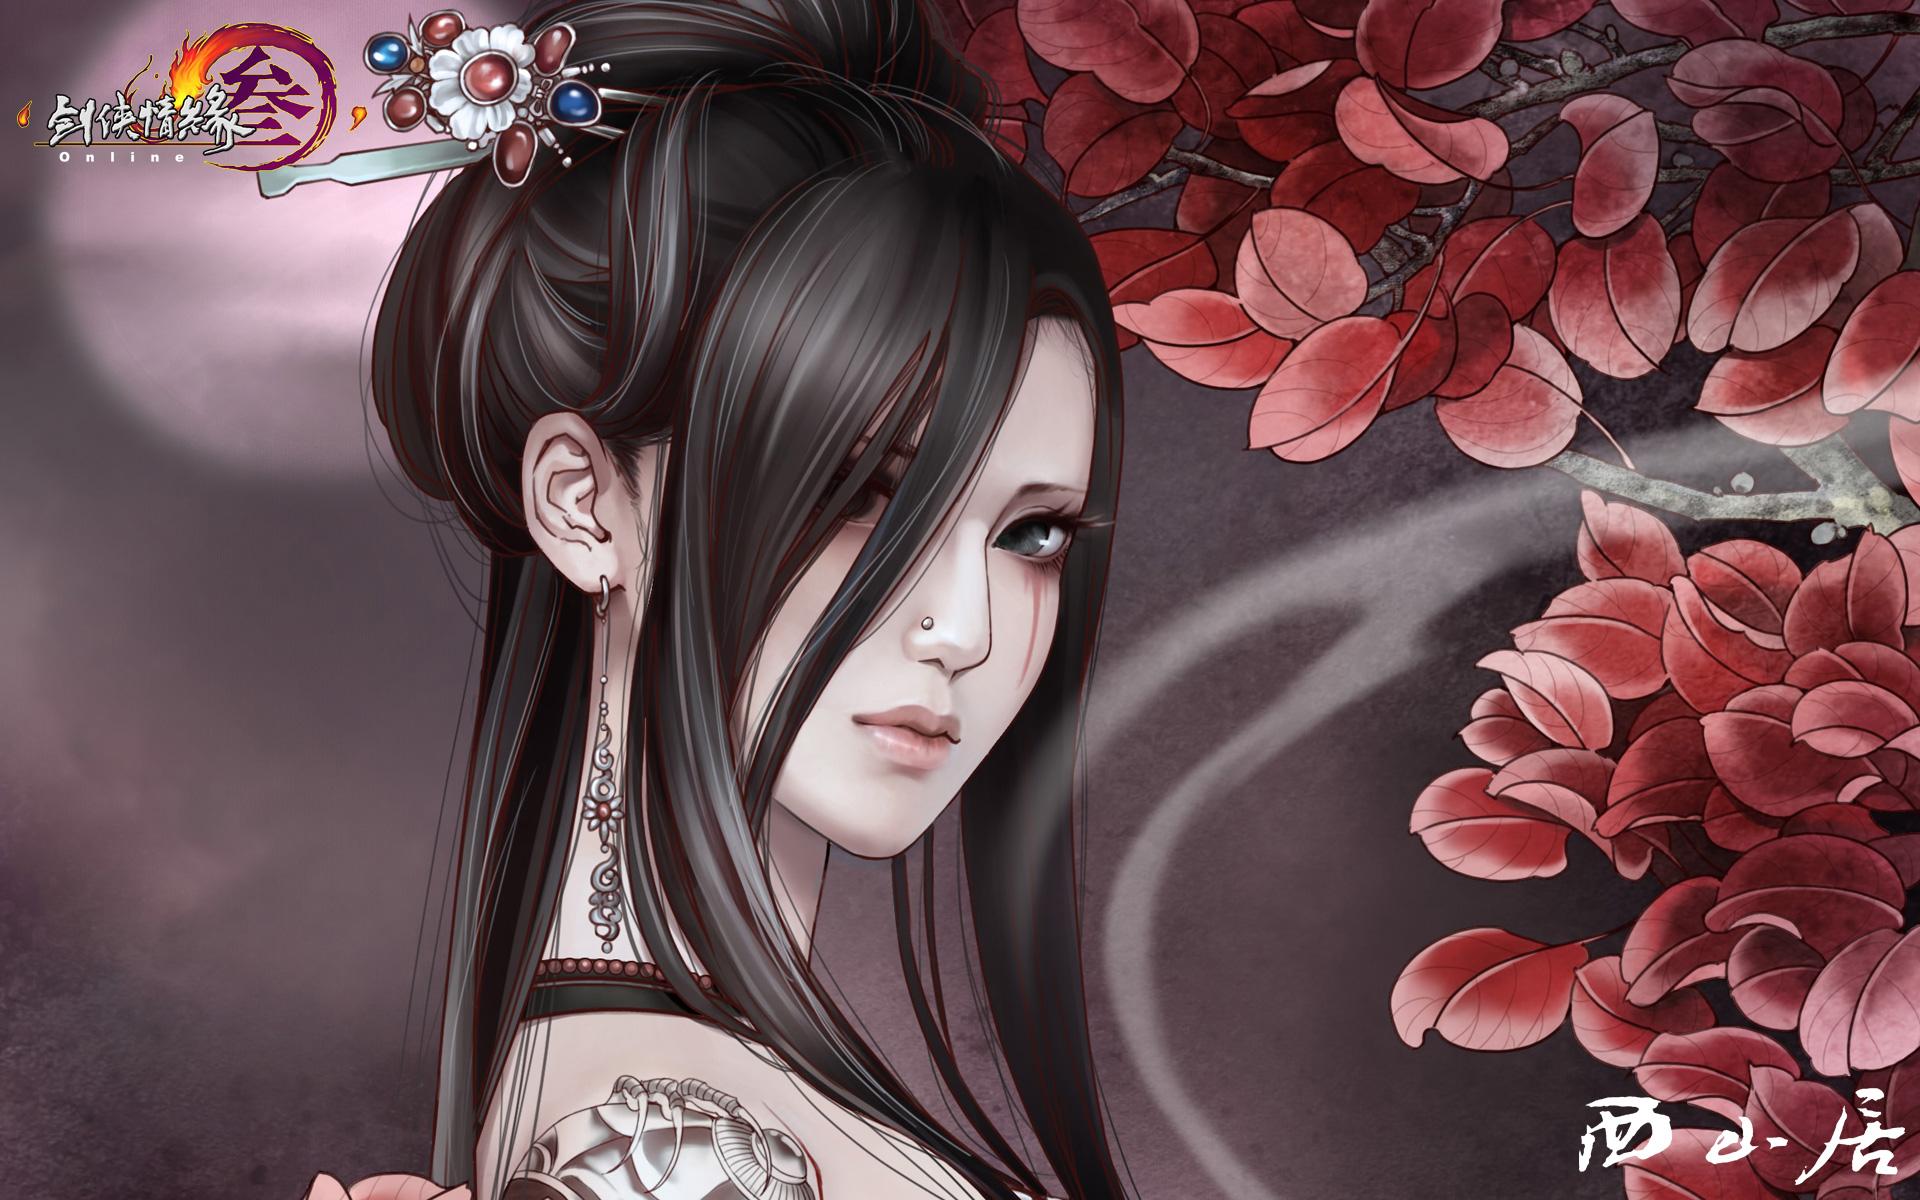 Элуфина принцесса рабыня смотреть онлайн 19 фотография